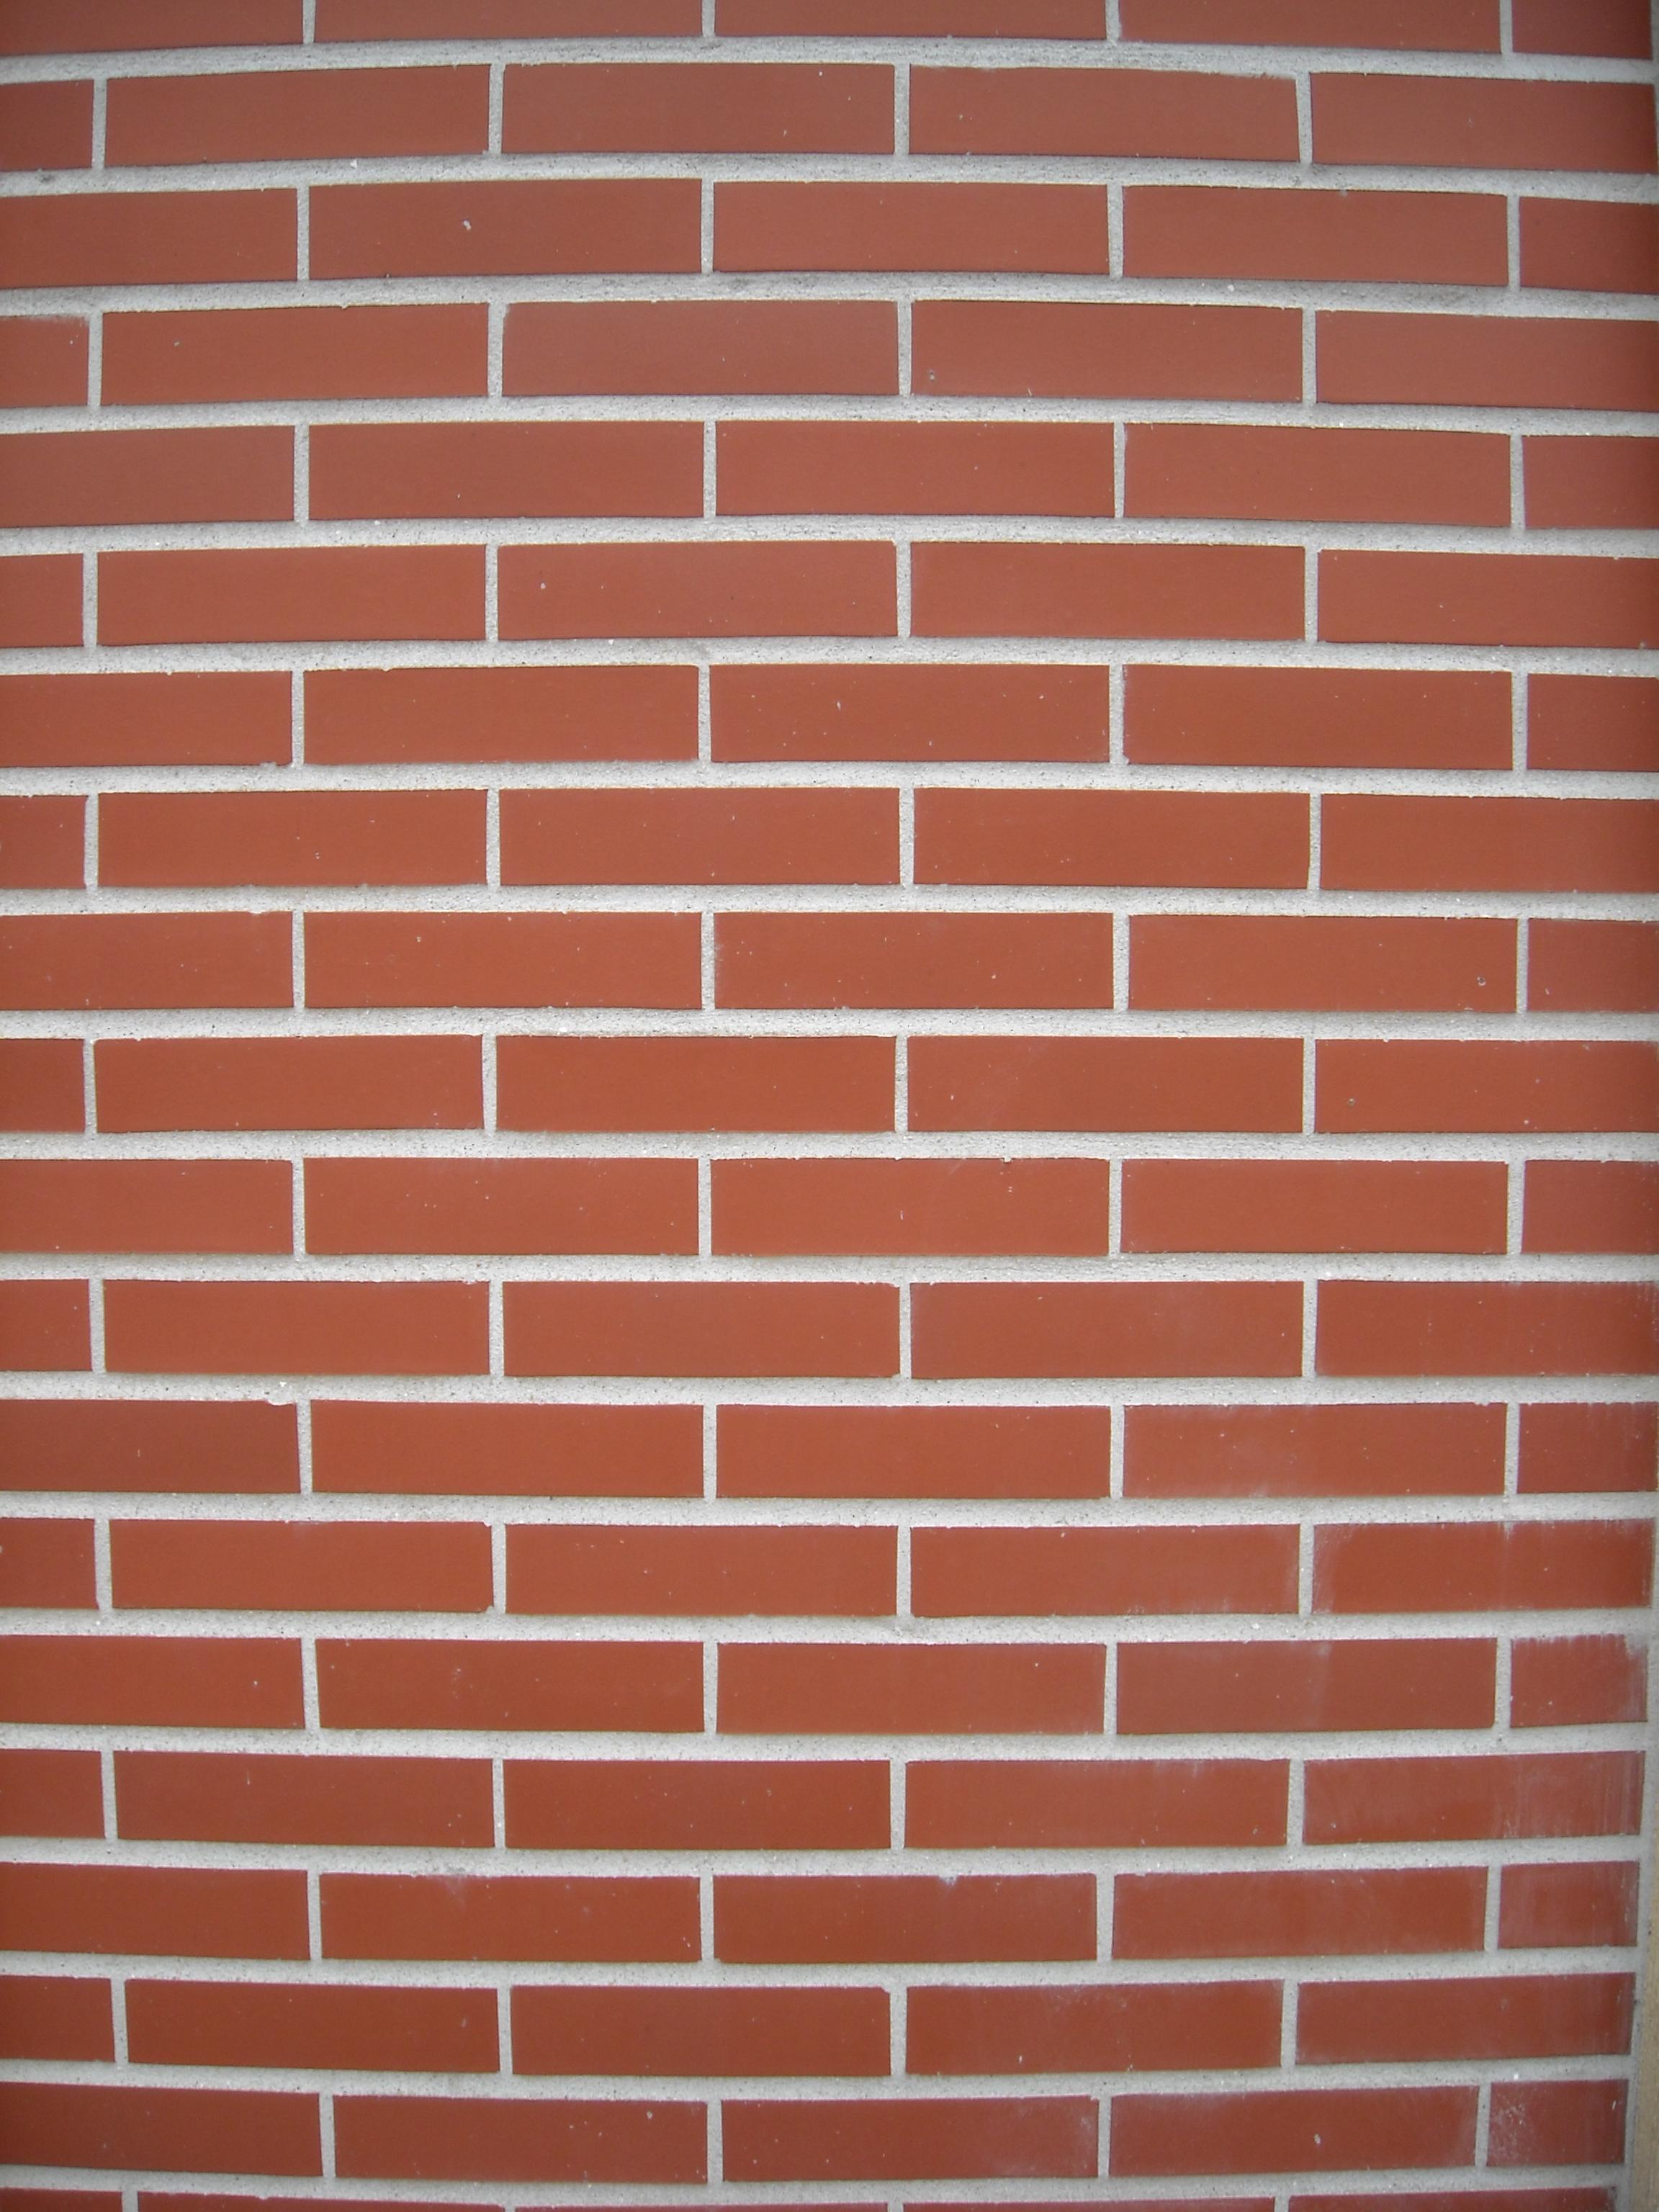 Nikon coolpix l16 test magazinevideo com for Mur de brique exterieur